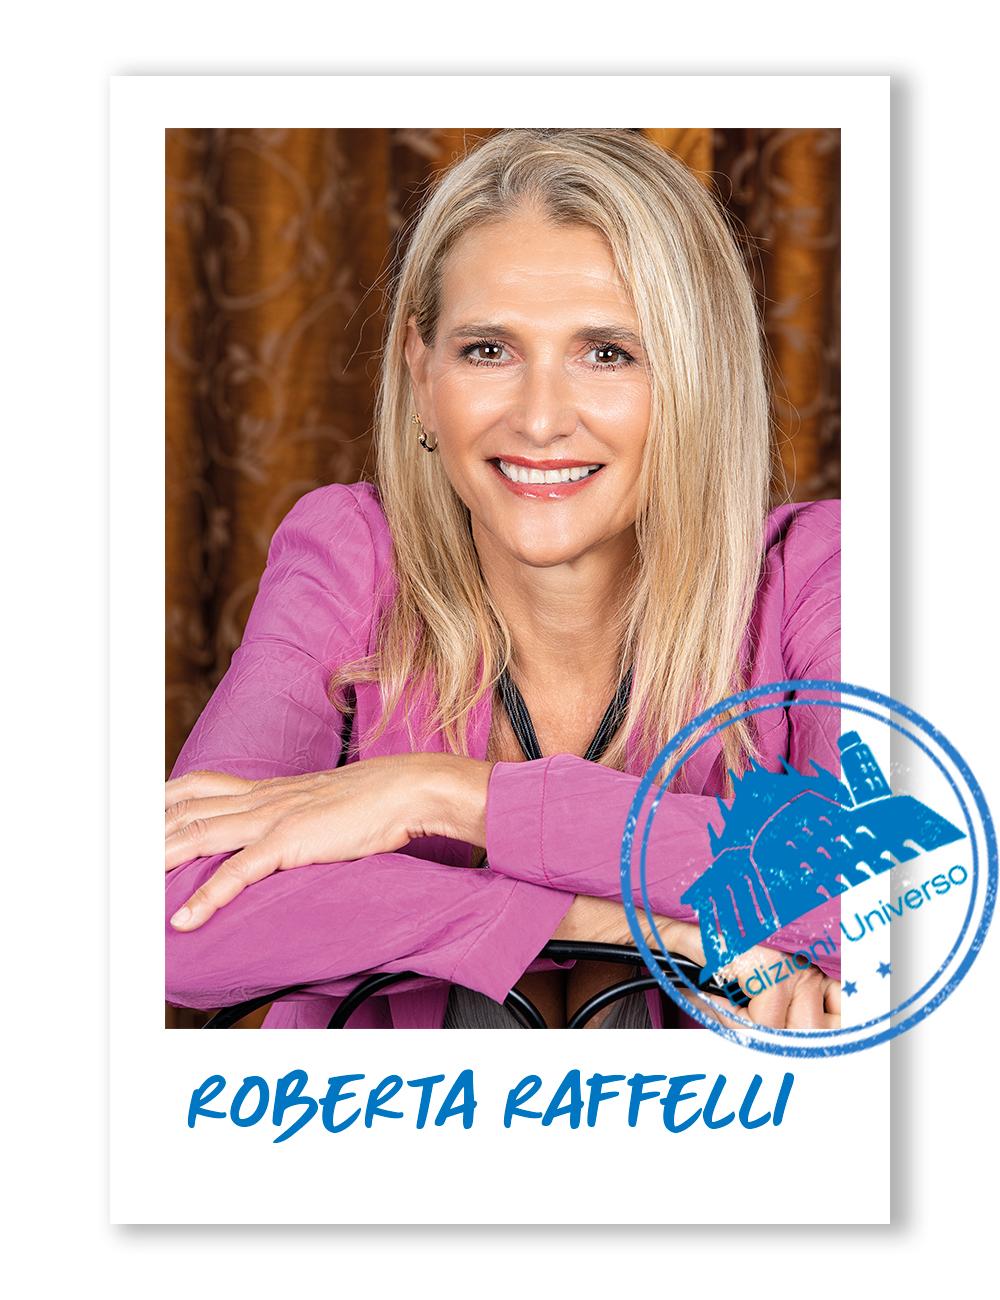 Roberta Raffelli